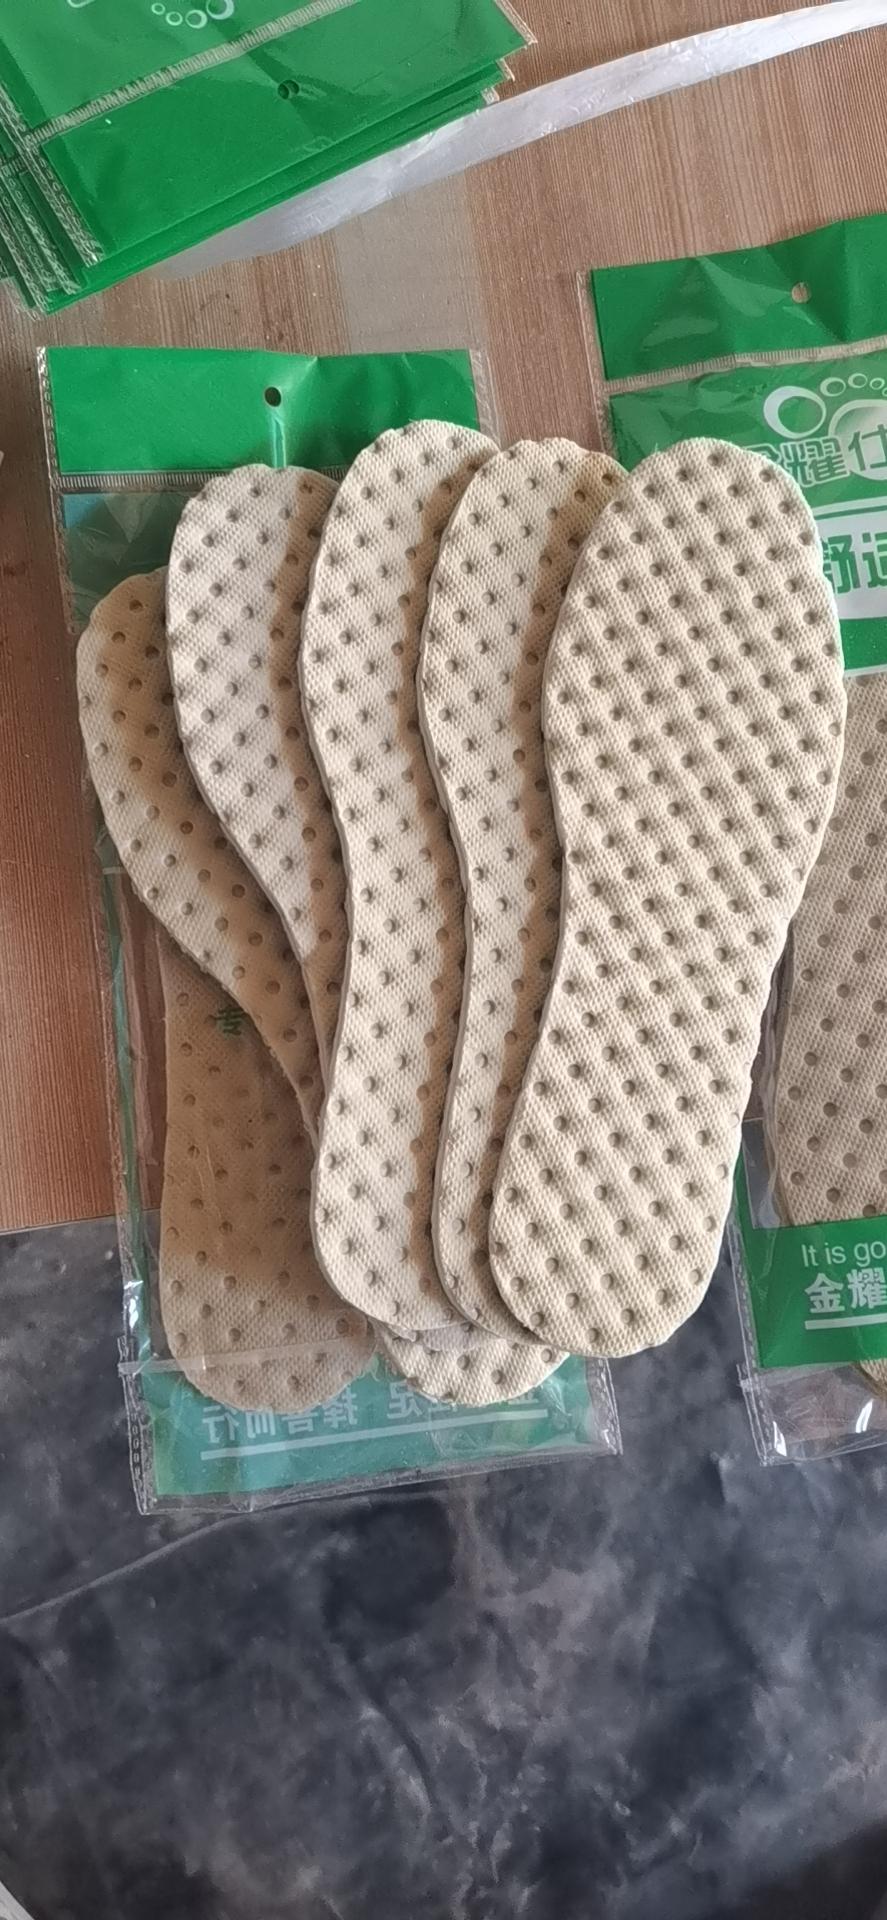 除臭鞋垫吸汗防臭加厚加香男女鞋垫